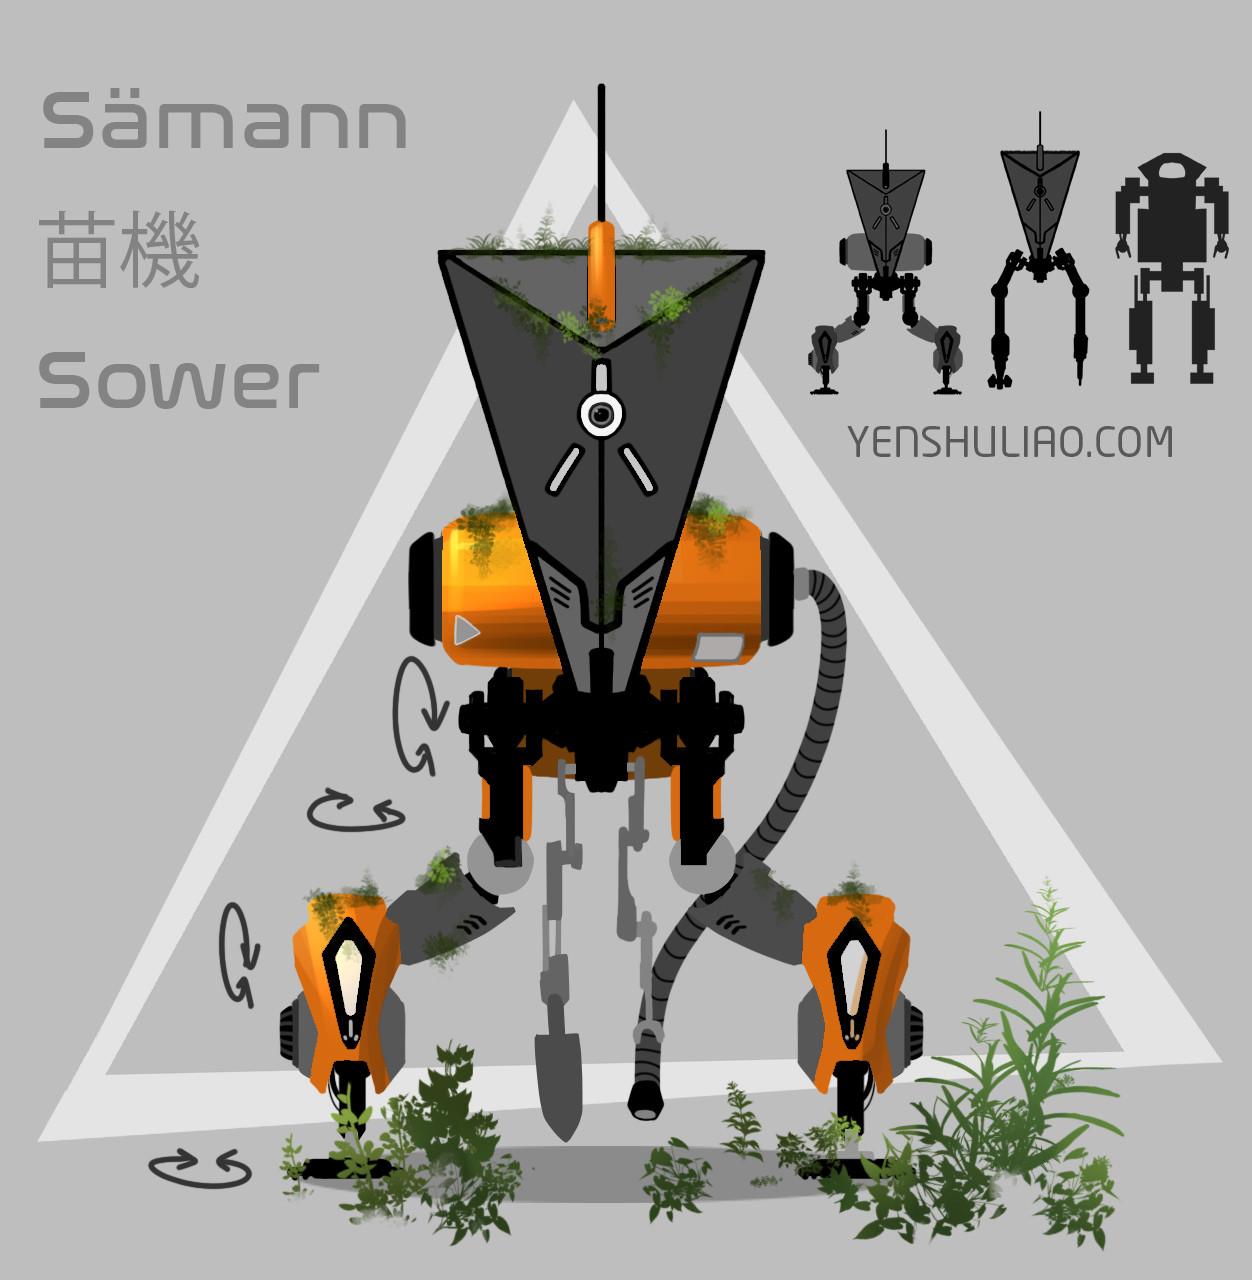 Yen shu liao mech robot concept art yenshuliao 02